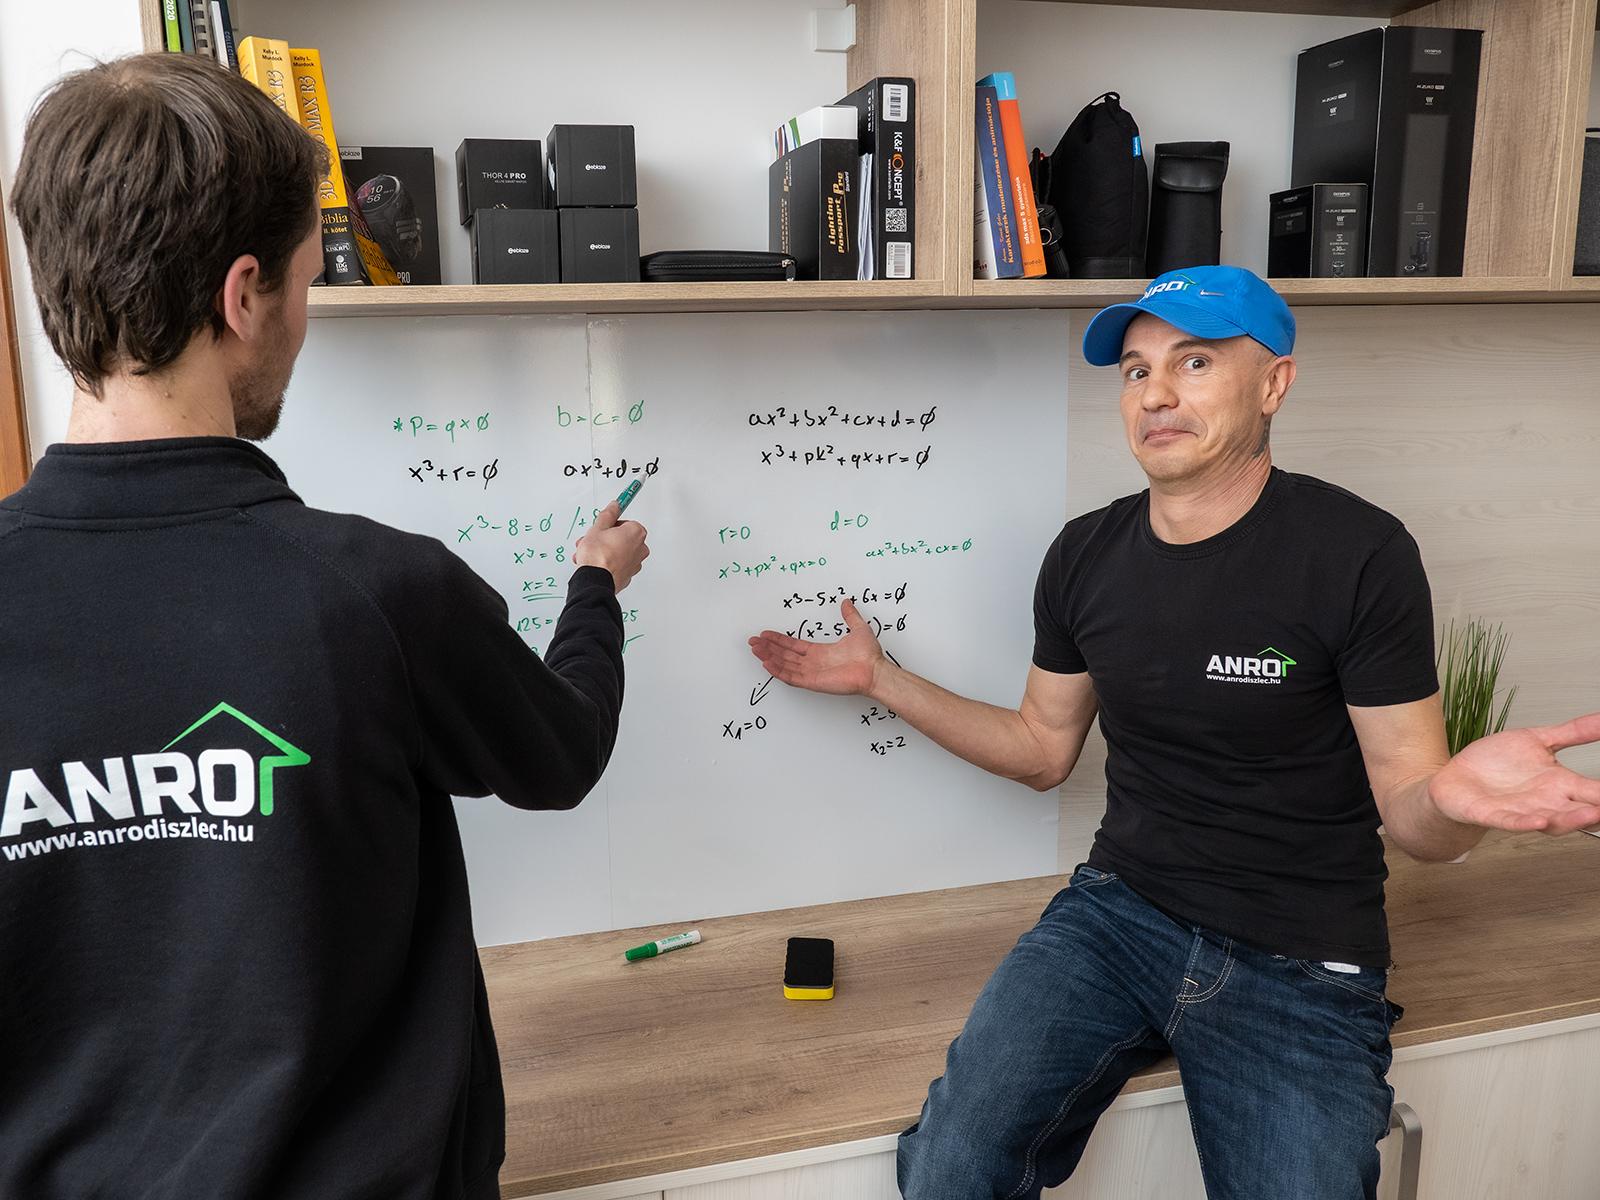 A digitális oktatás és a home office keretében is hasznos lehet a saját fali írótábla.